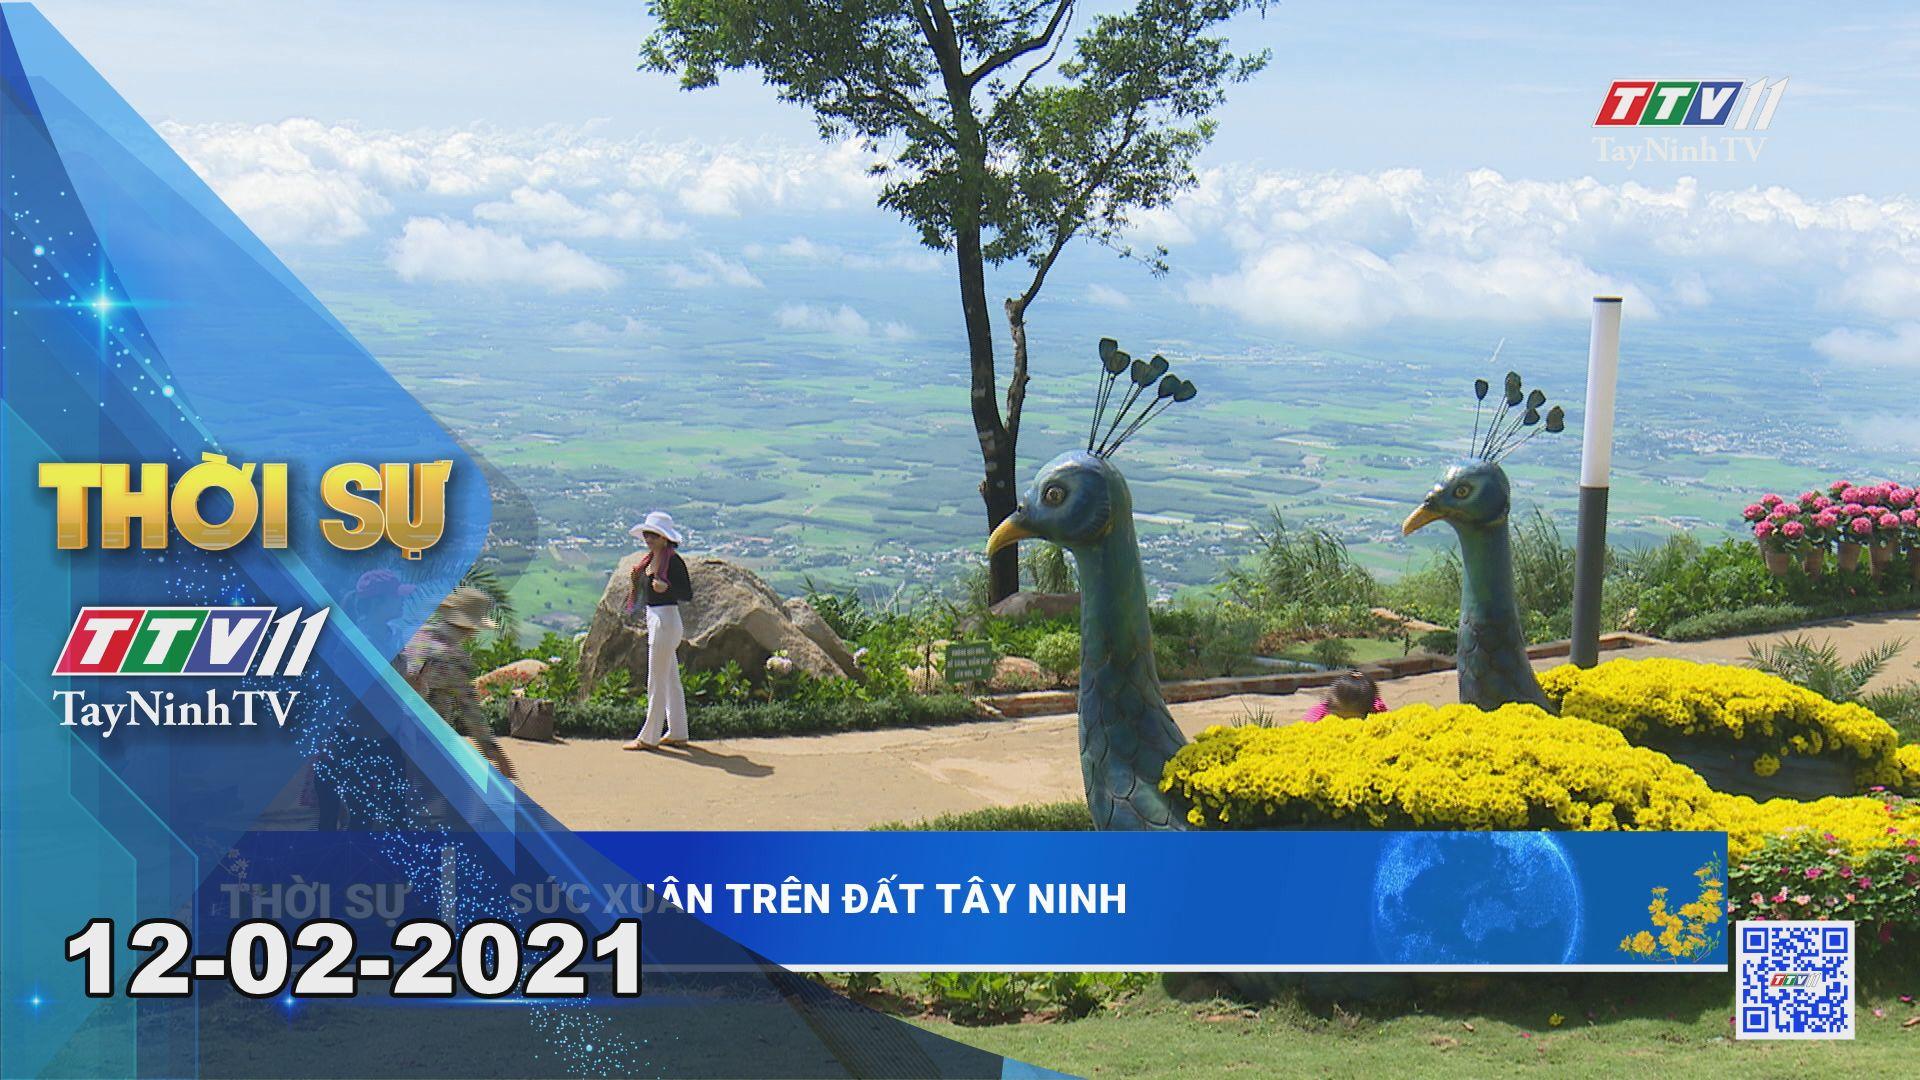 Thời sự Tây Ninh 12-02-2021   Tin tức hôm nay   TayNinhTV